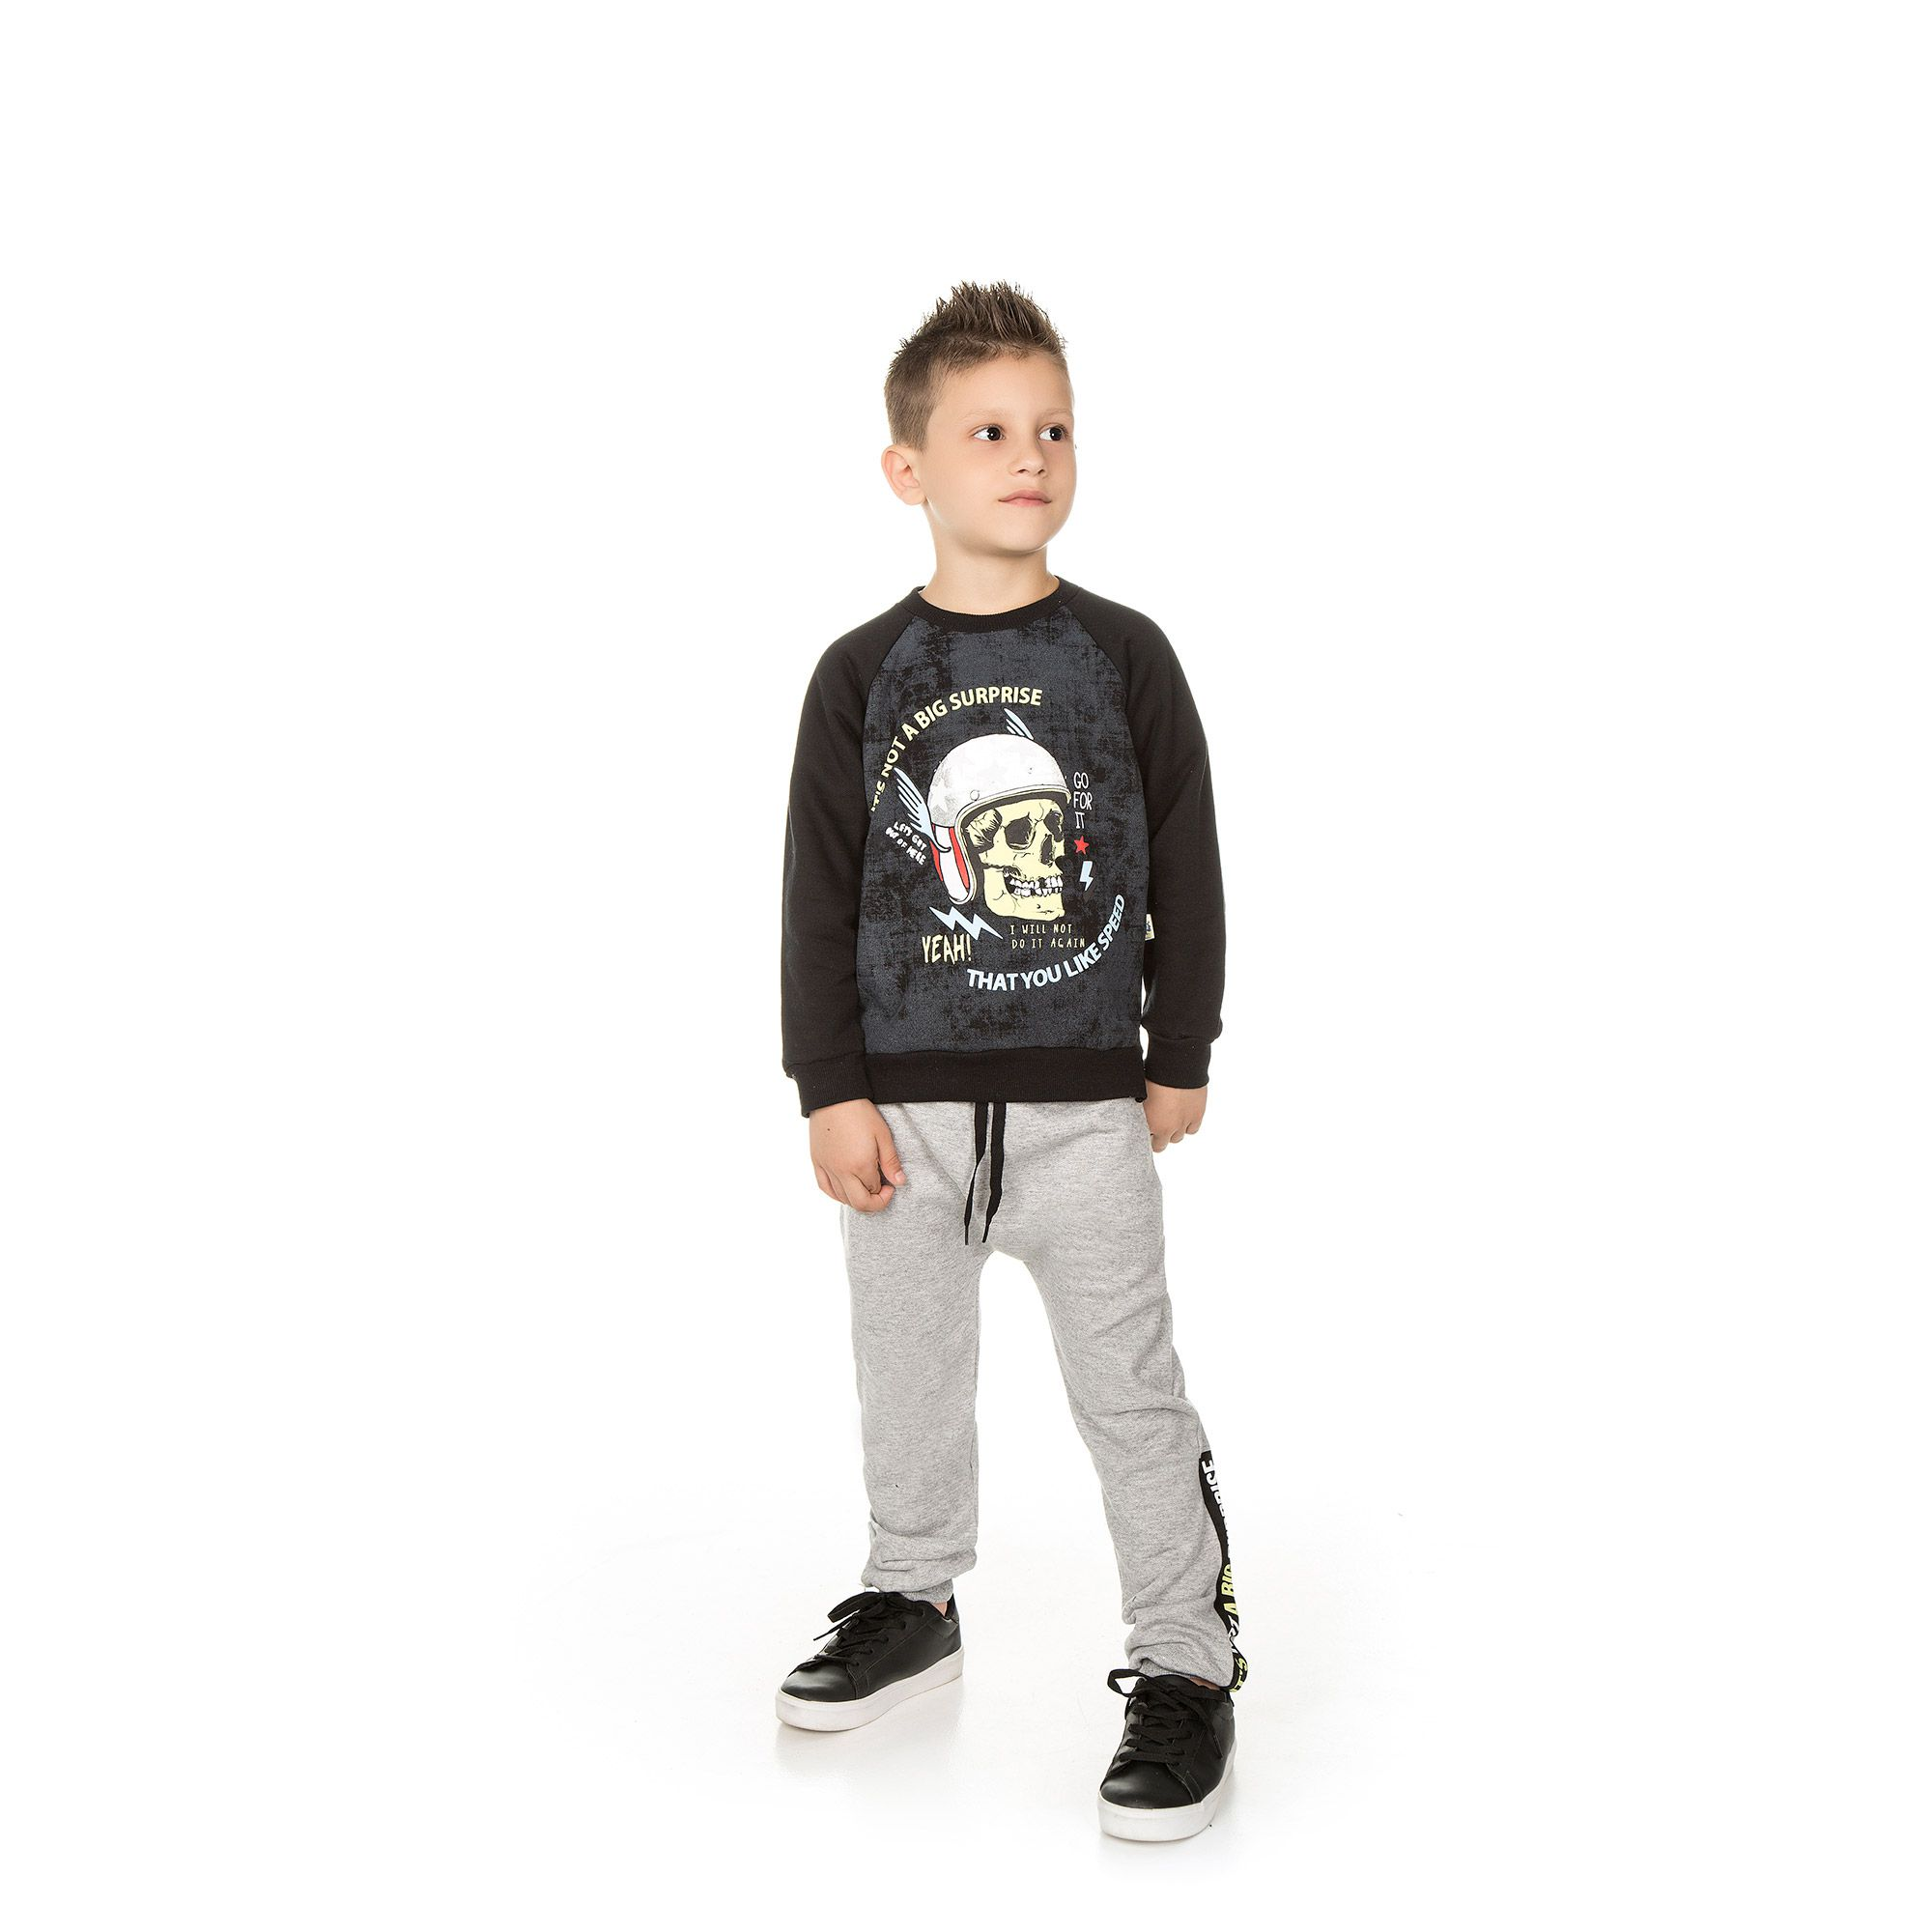 Conjunto Infantil Masculino  - Ref 5013 - Preto/Mescla